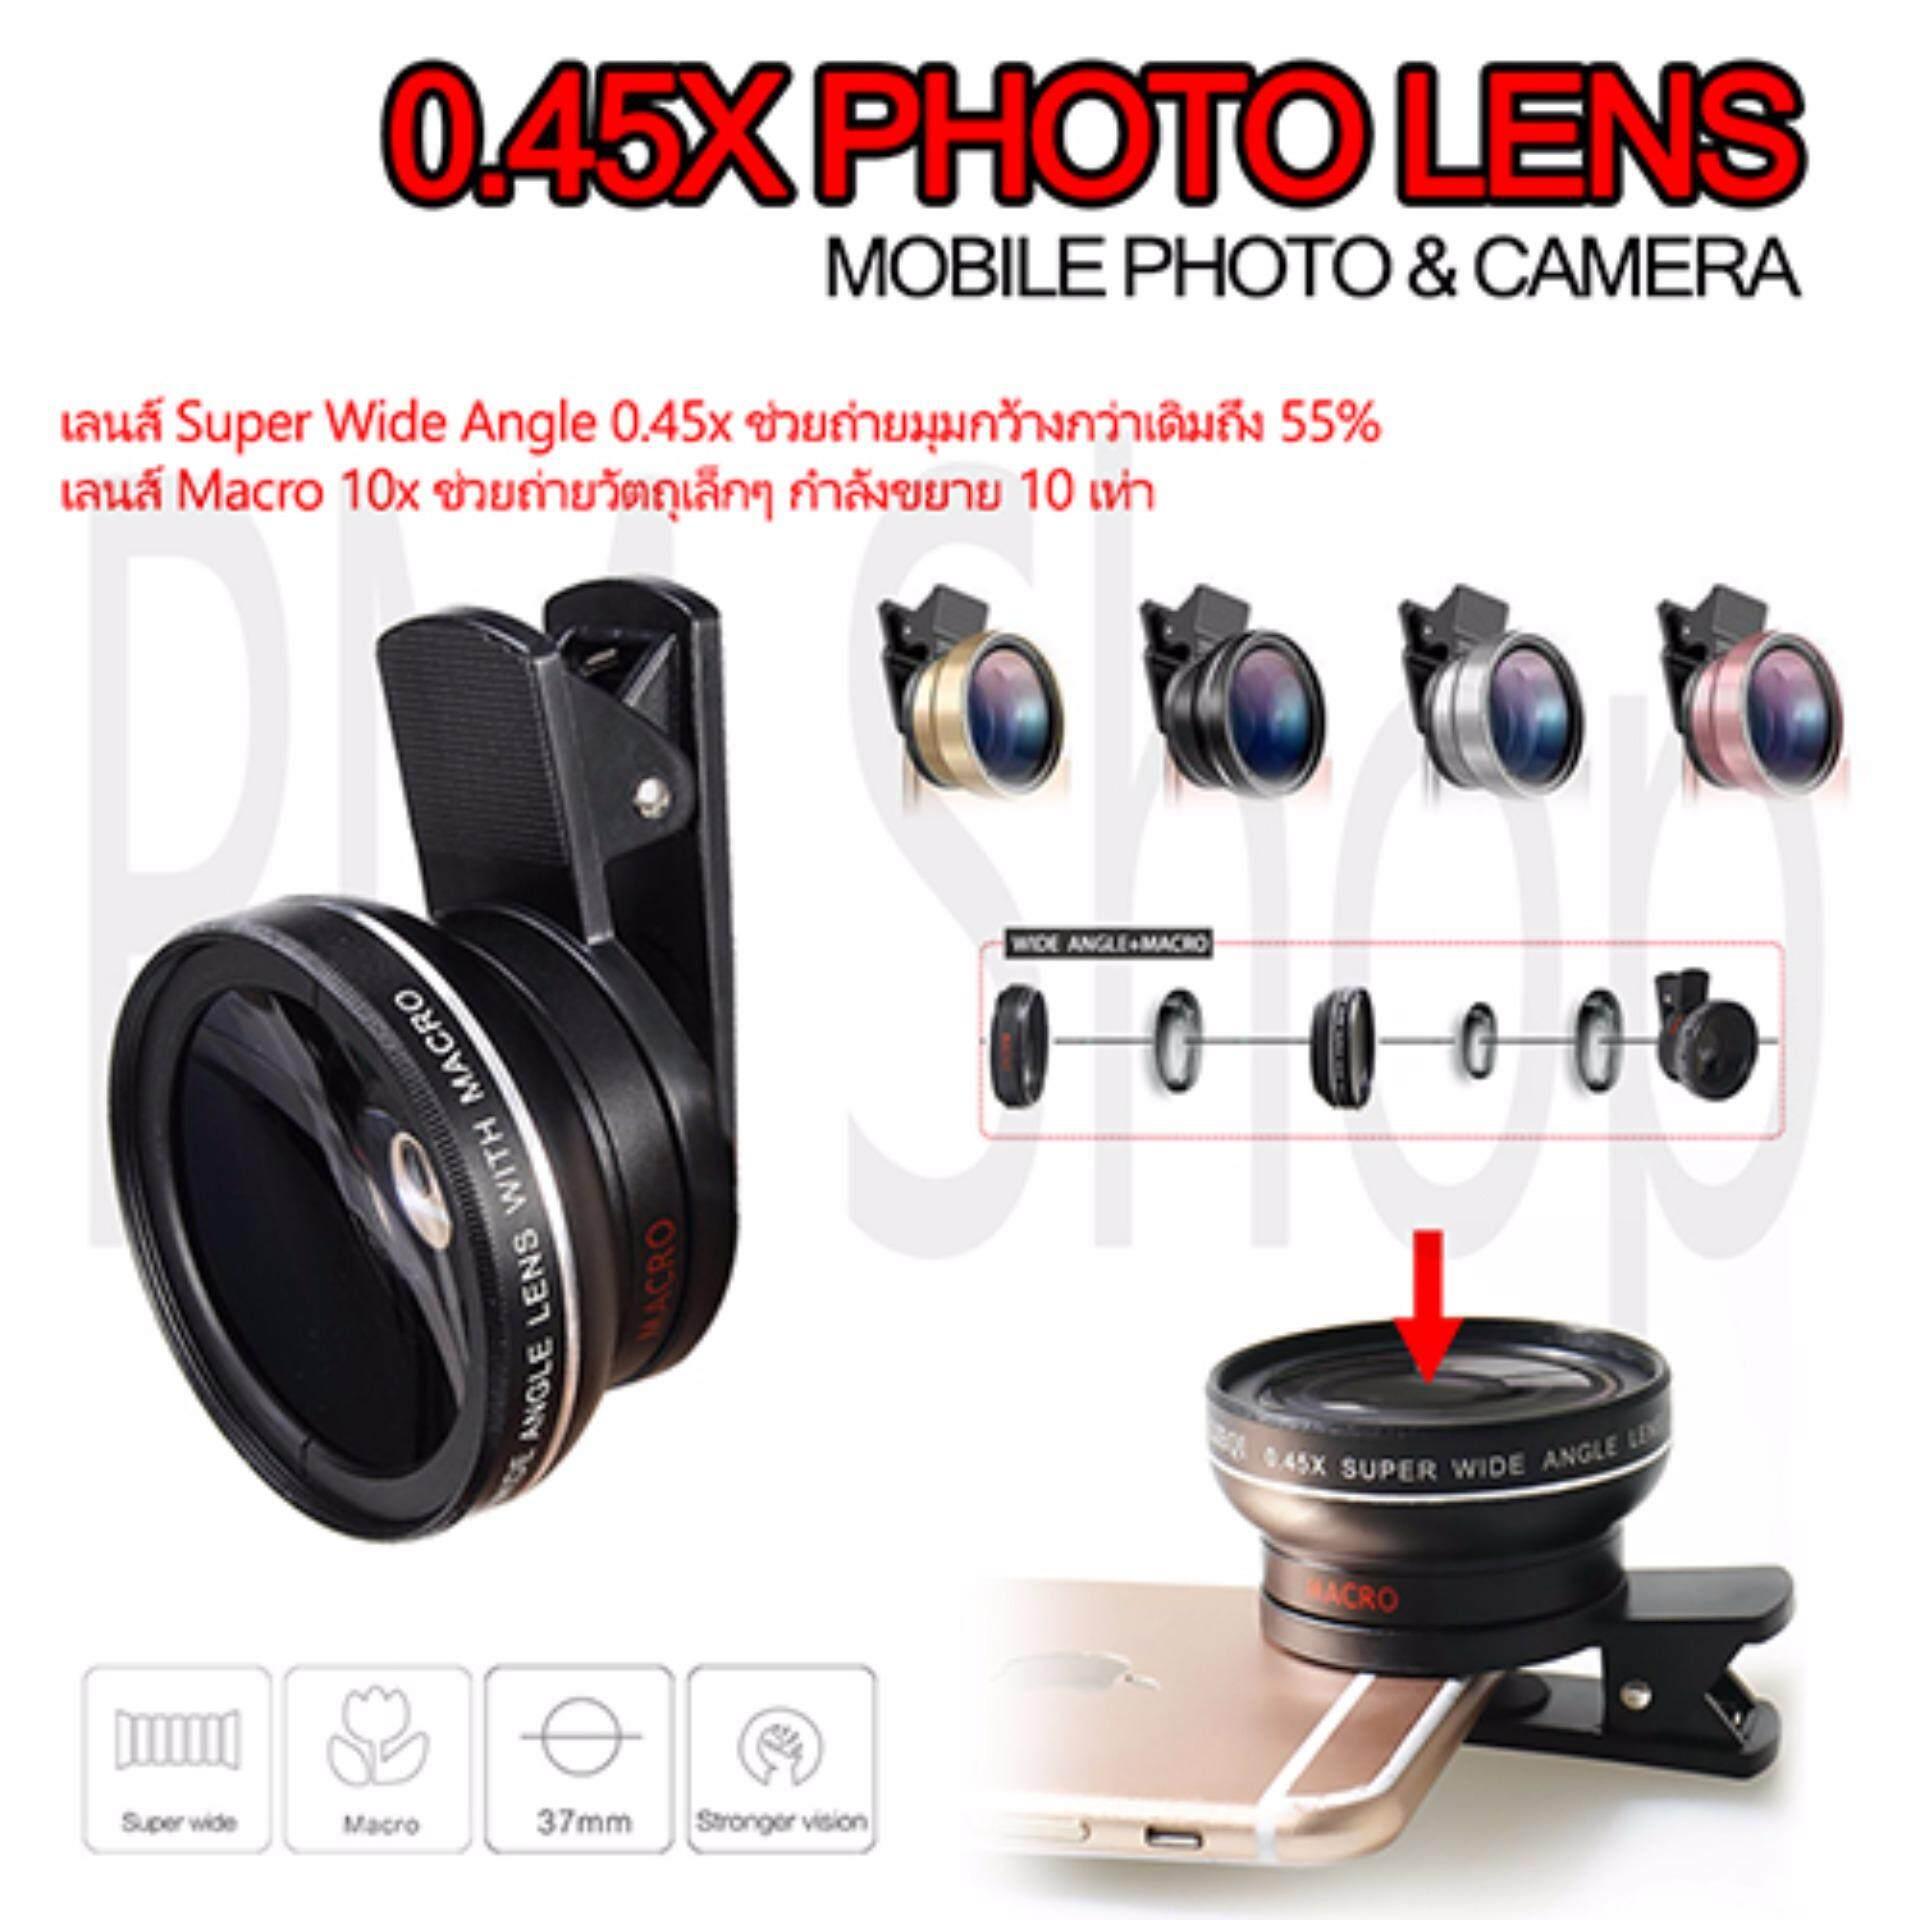 PM เลนส์ครอบกล้องมือถือ 0.45x super Wide & Macro สำหรับถ่ายภาพ Selfy